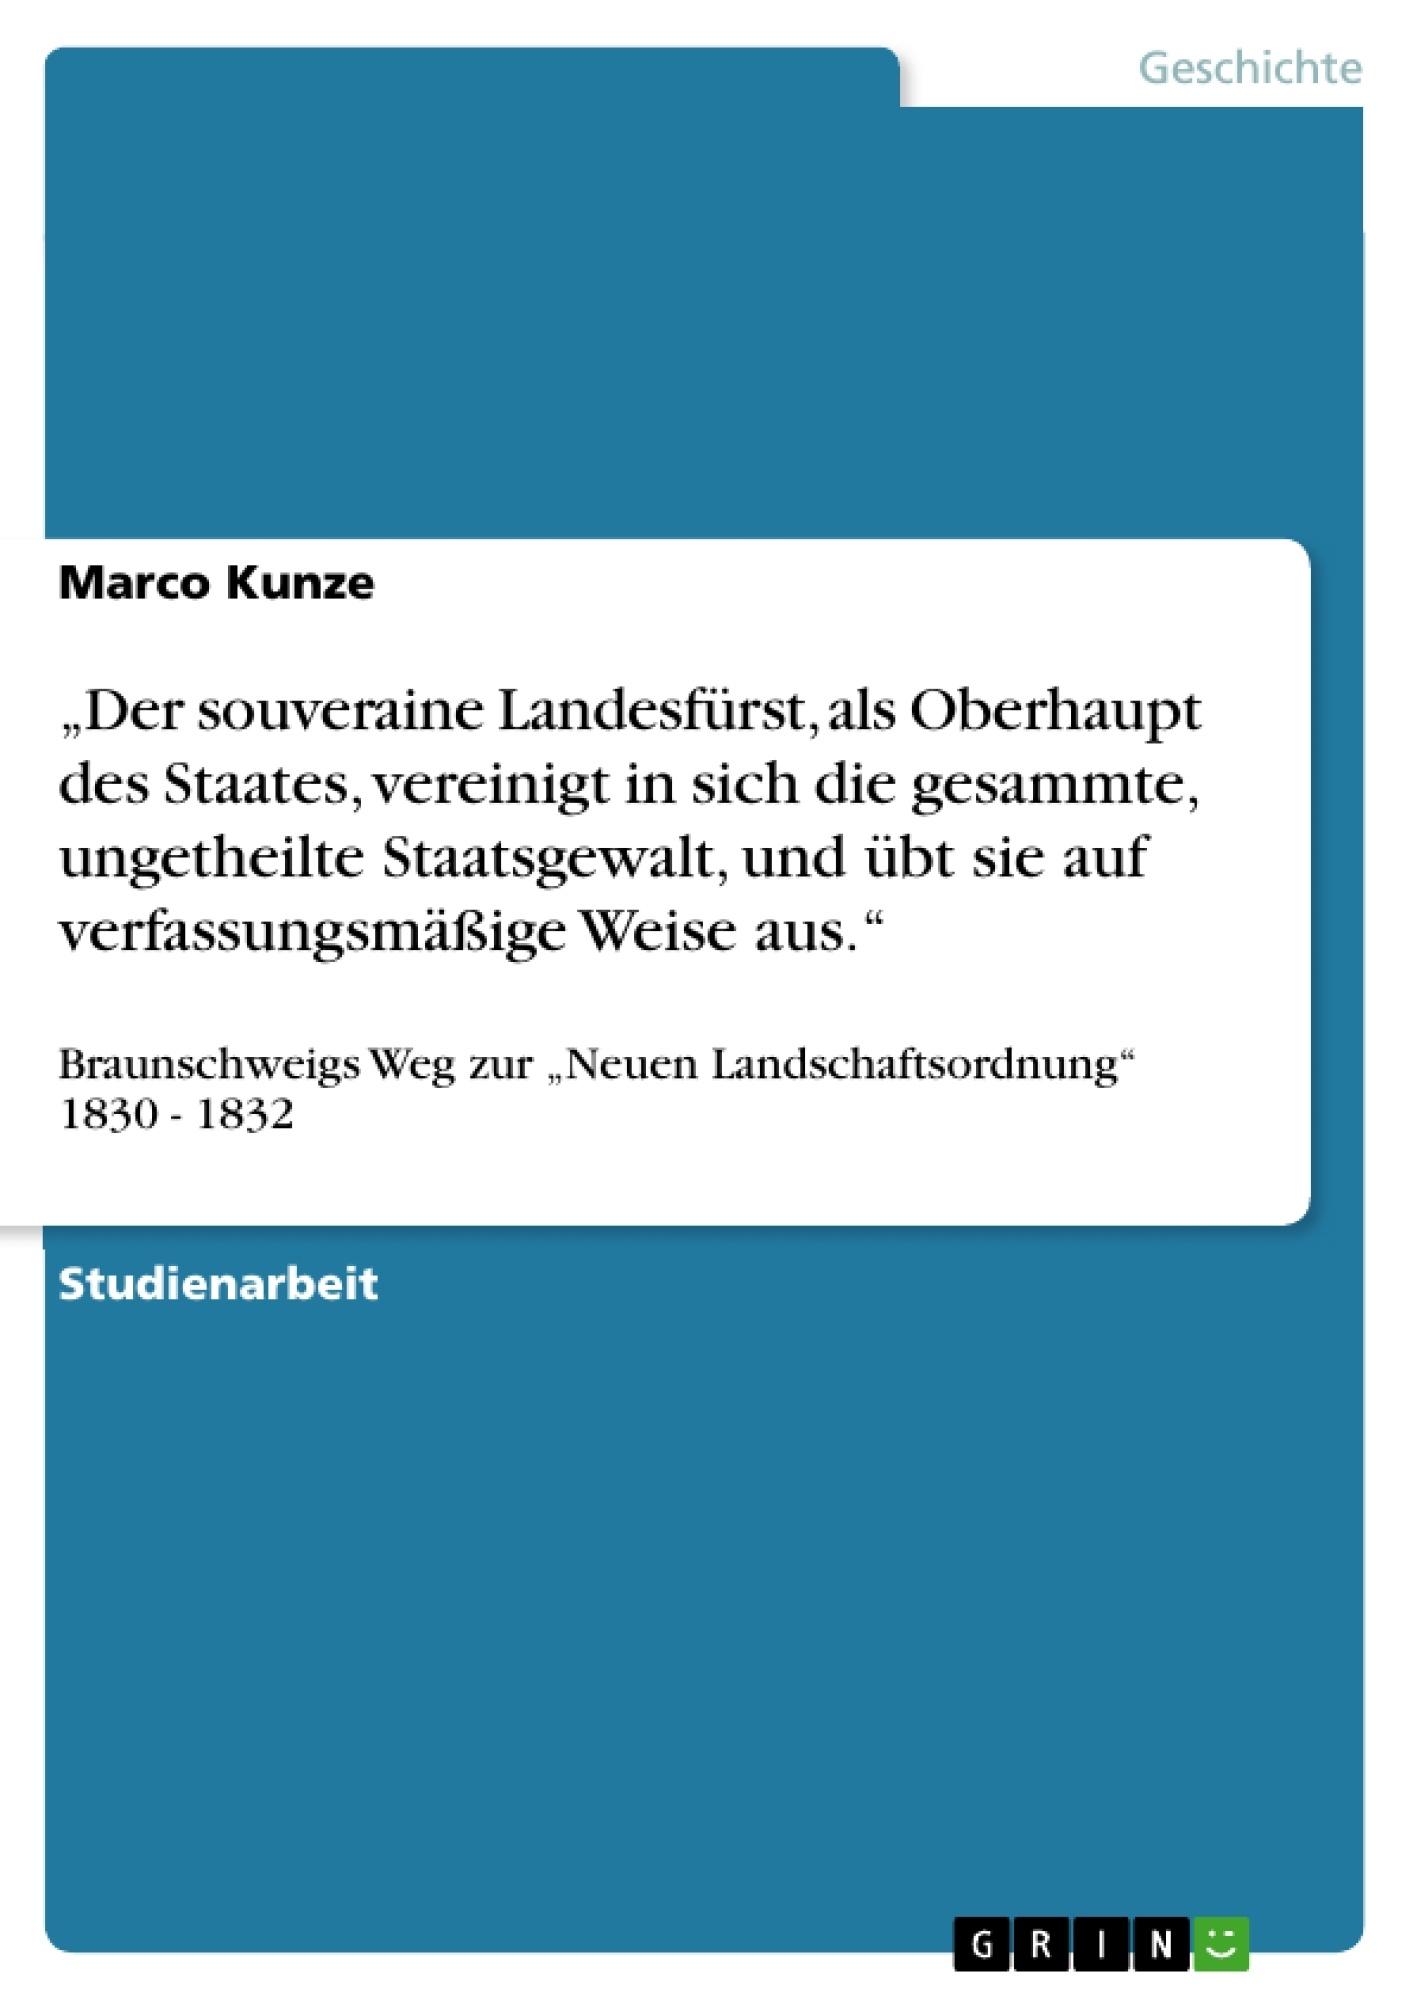 """Titel: """"Der souveraine Landesfürst, als Oberhaupt des Staates, vereinigt in sich die gesammte, ungetheilte Staatsgewalt, und übt sie auf verfassungsmäßige Weise aus."""""""